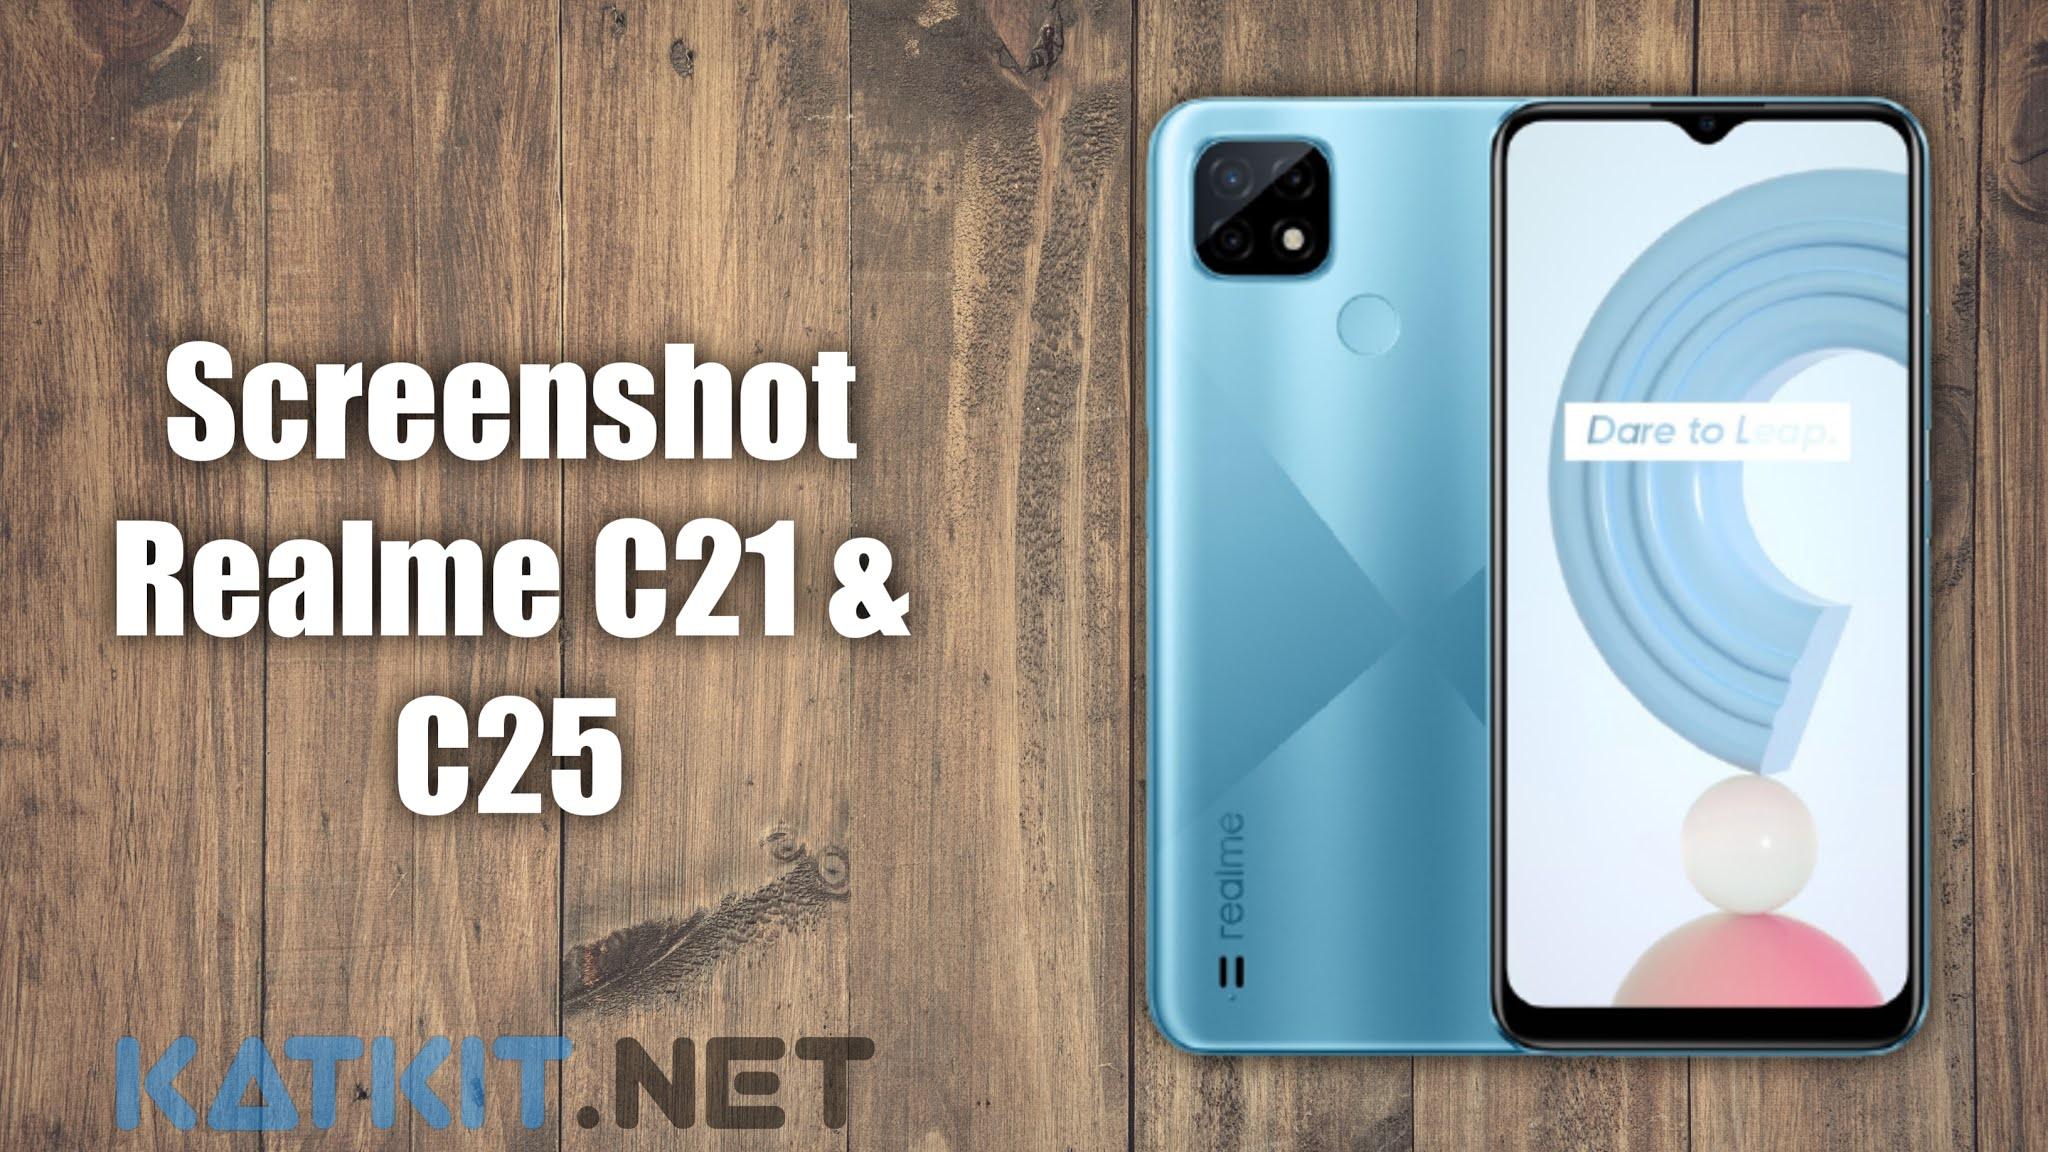 Cara Screnshot Realme C21 dan C25